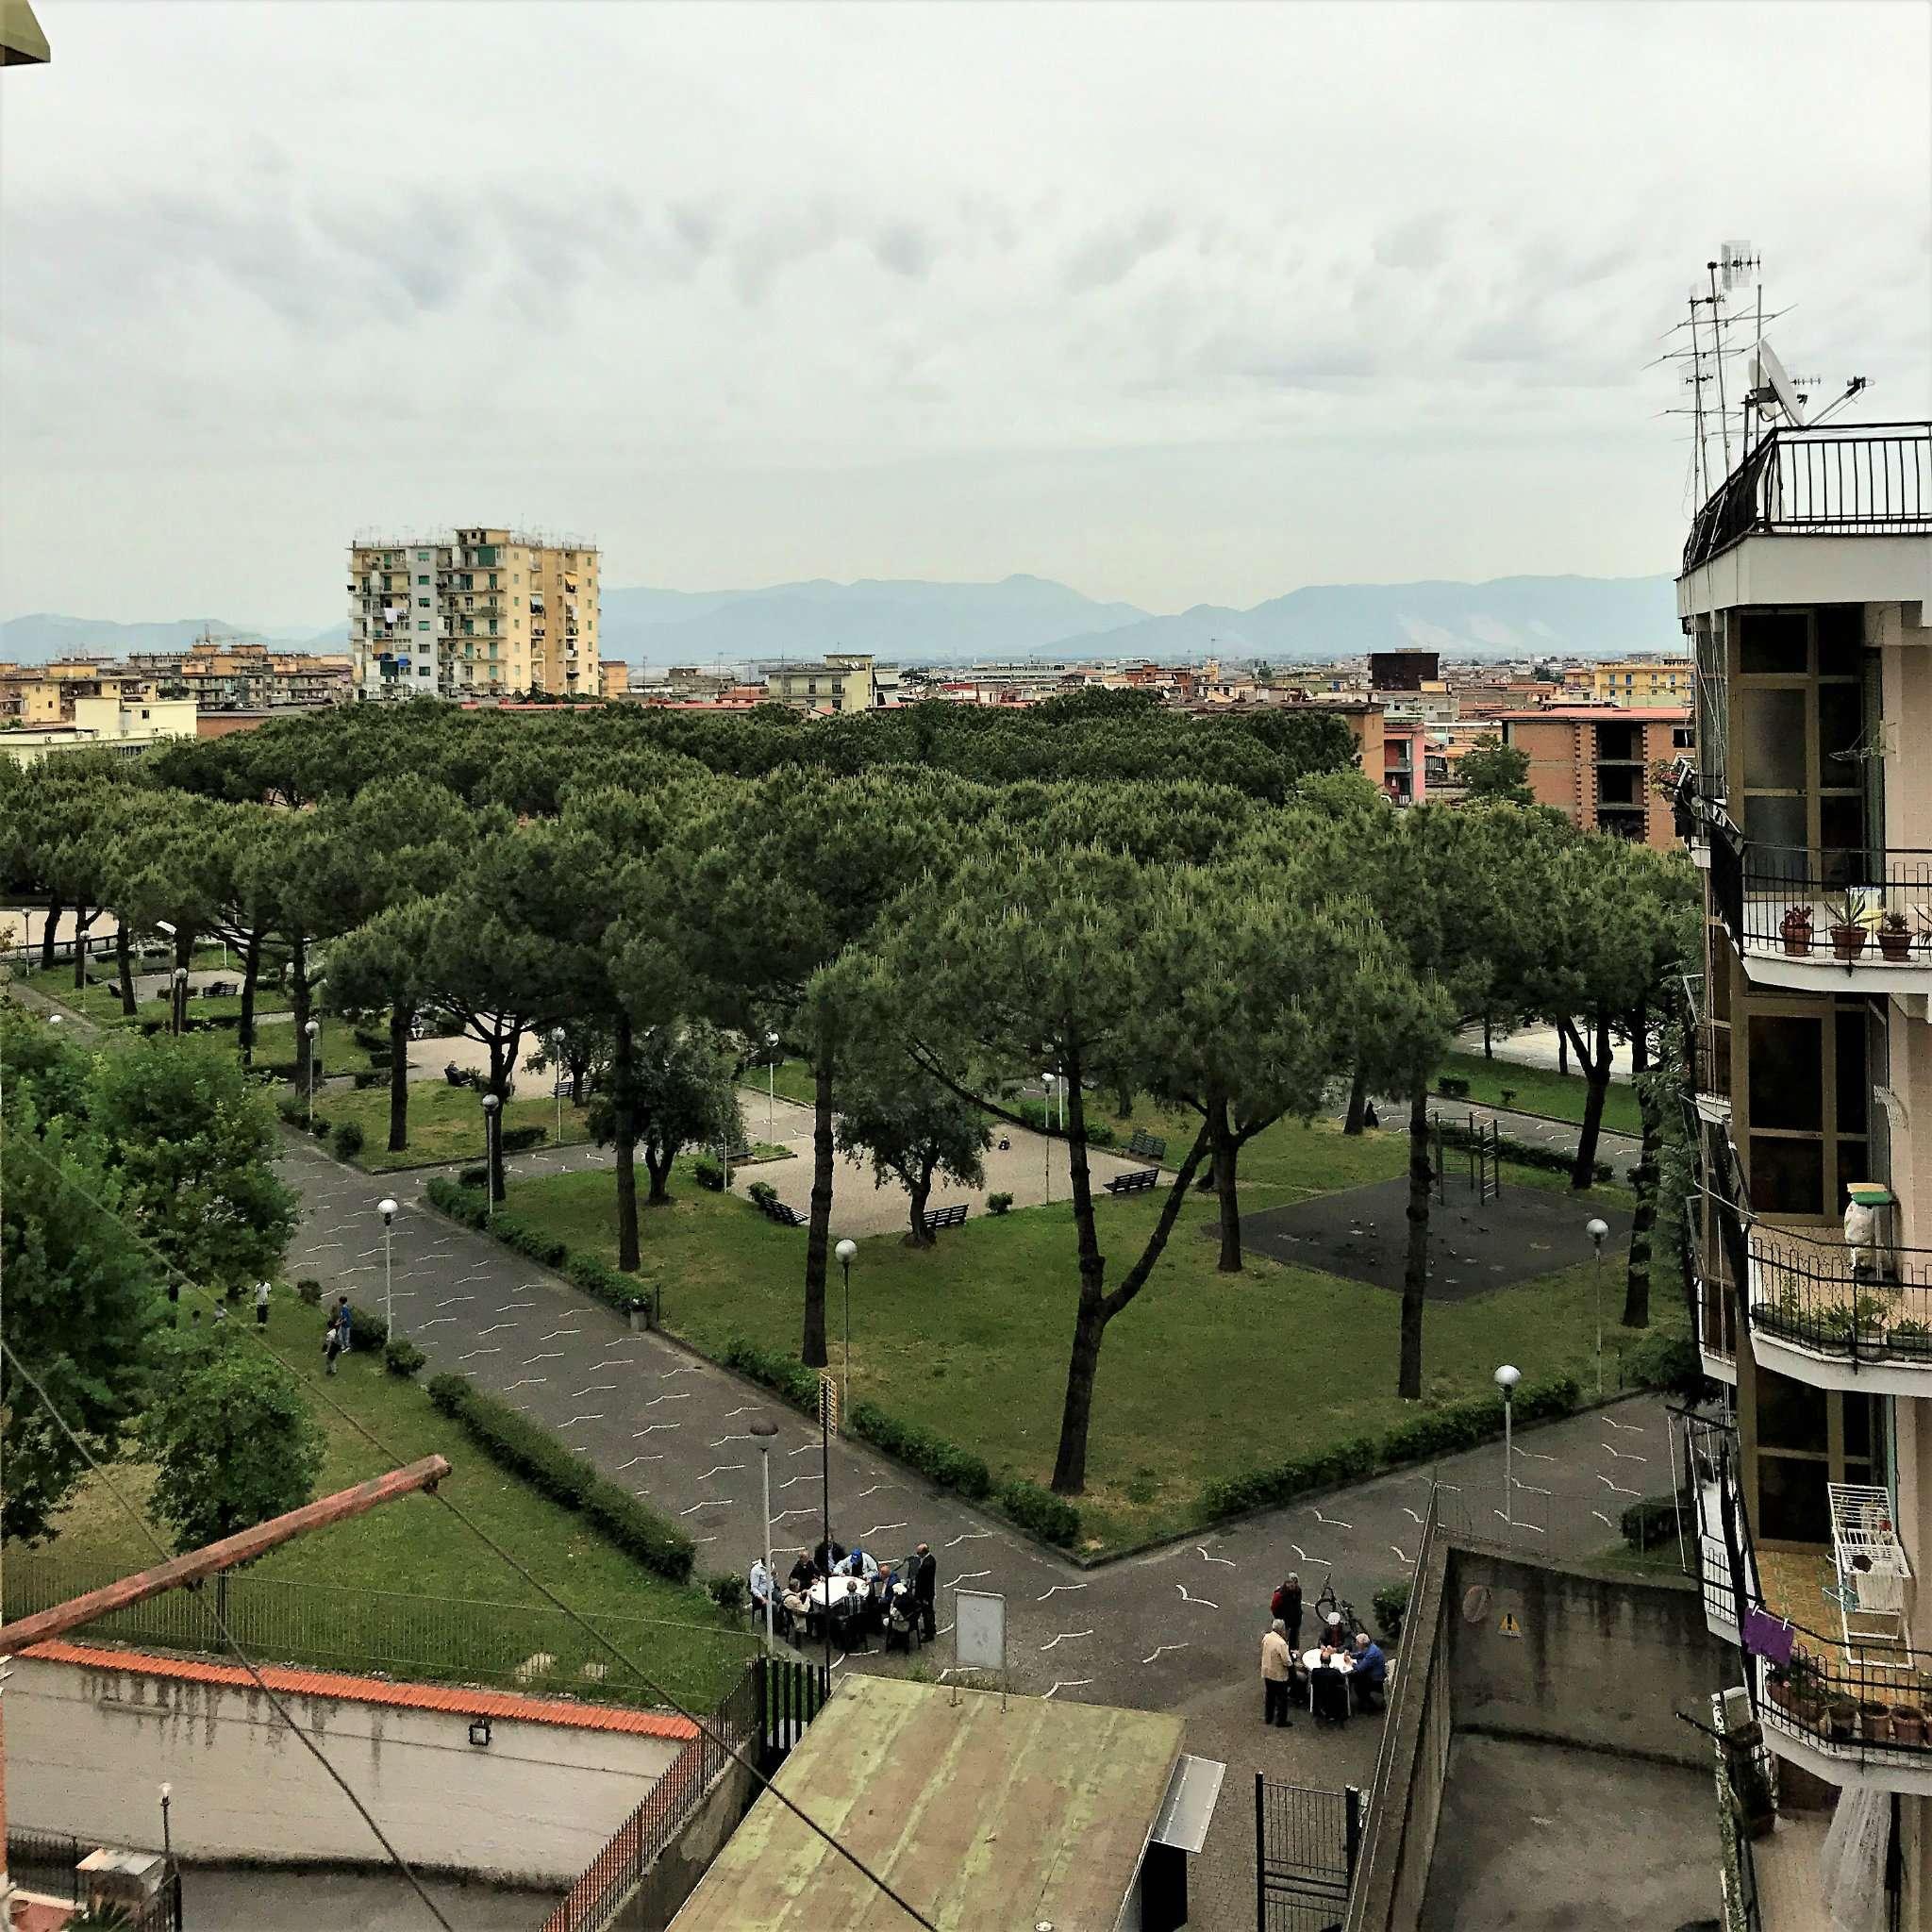 Appartamento in vendita a Arzano, 3 locali, prezzo € 125.000 | CambioCasa.it